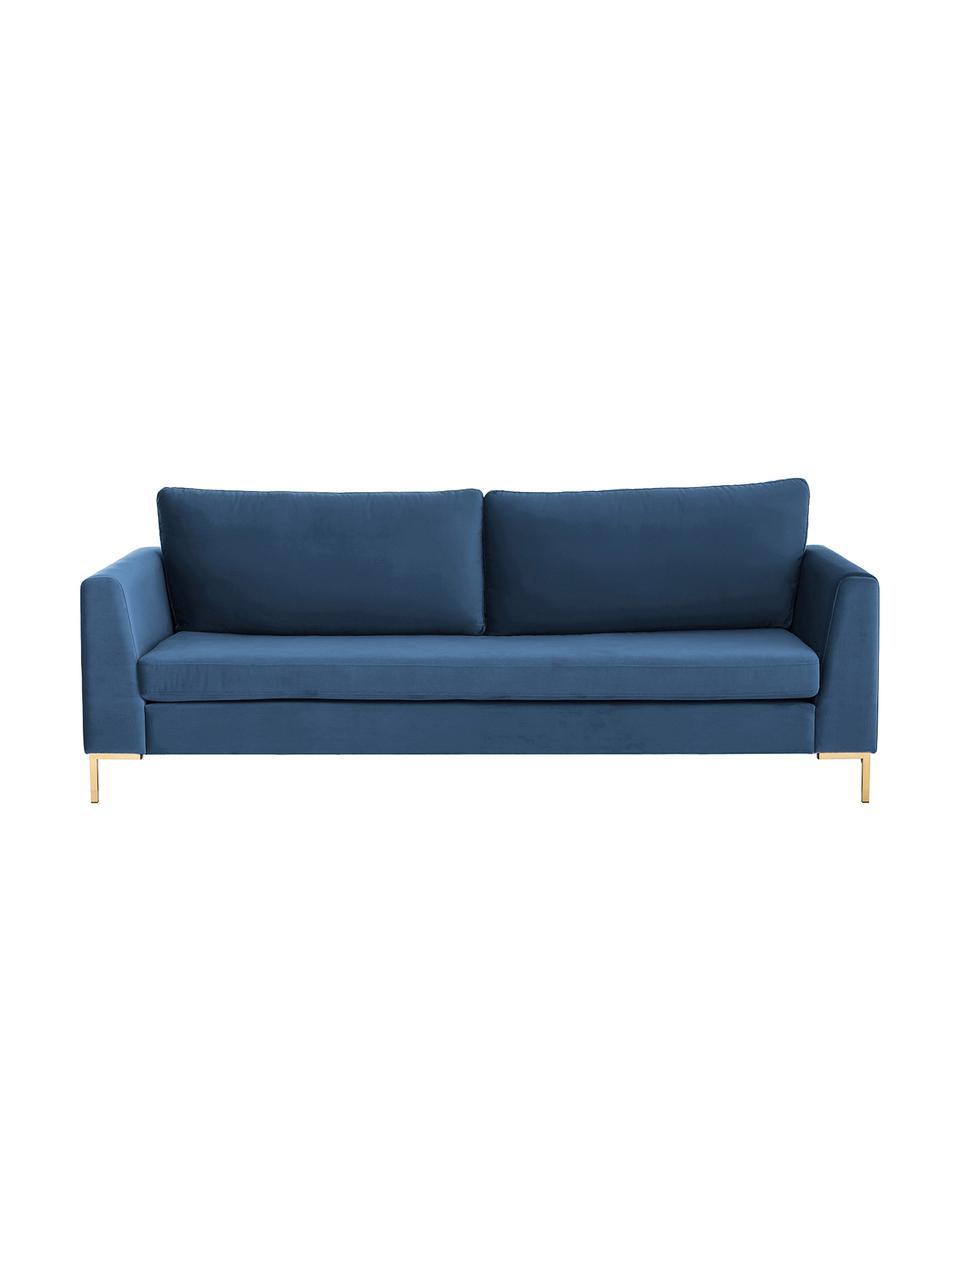 Samt-Sofa Luna (3-Sitzer) in Blau mit Metall-Füßen, Bezug: Samt (Polyester) Der hoch, Gestell: Massives Buchenholz, Füße: Metall, galvanisiert, Samt Blau, Gold, B 230 x T 95 cm